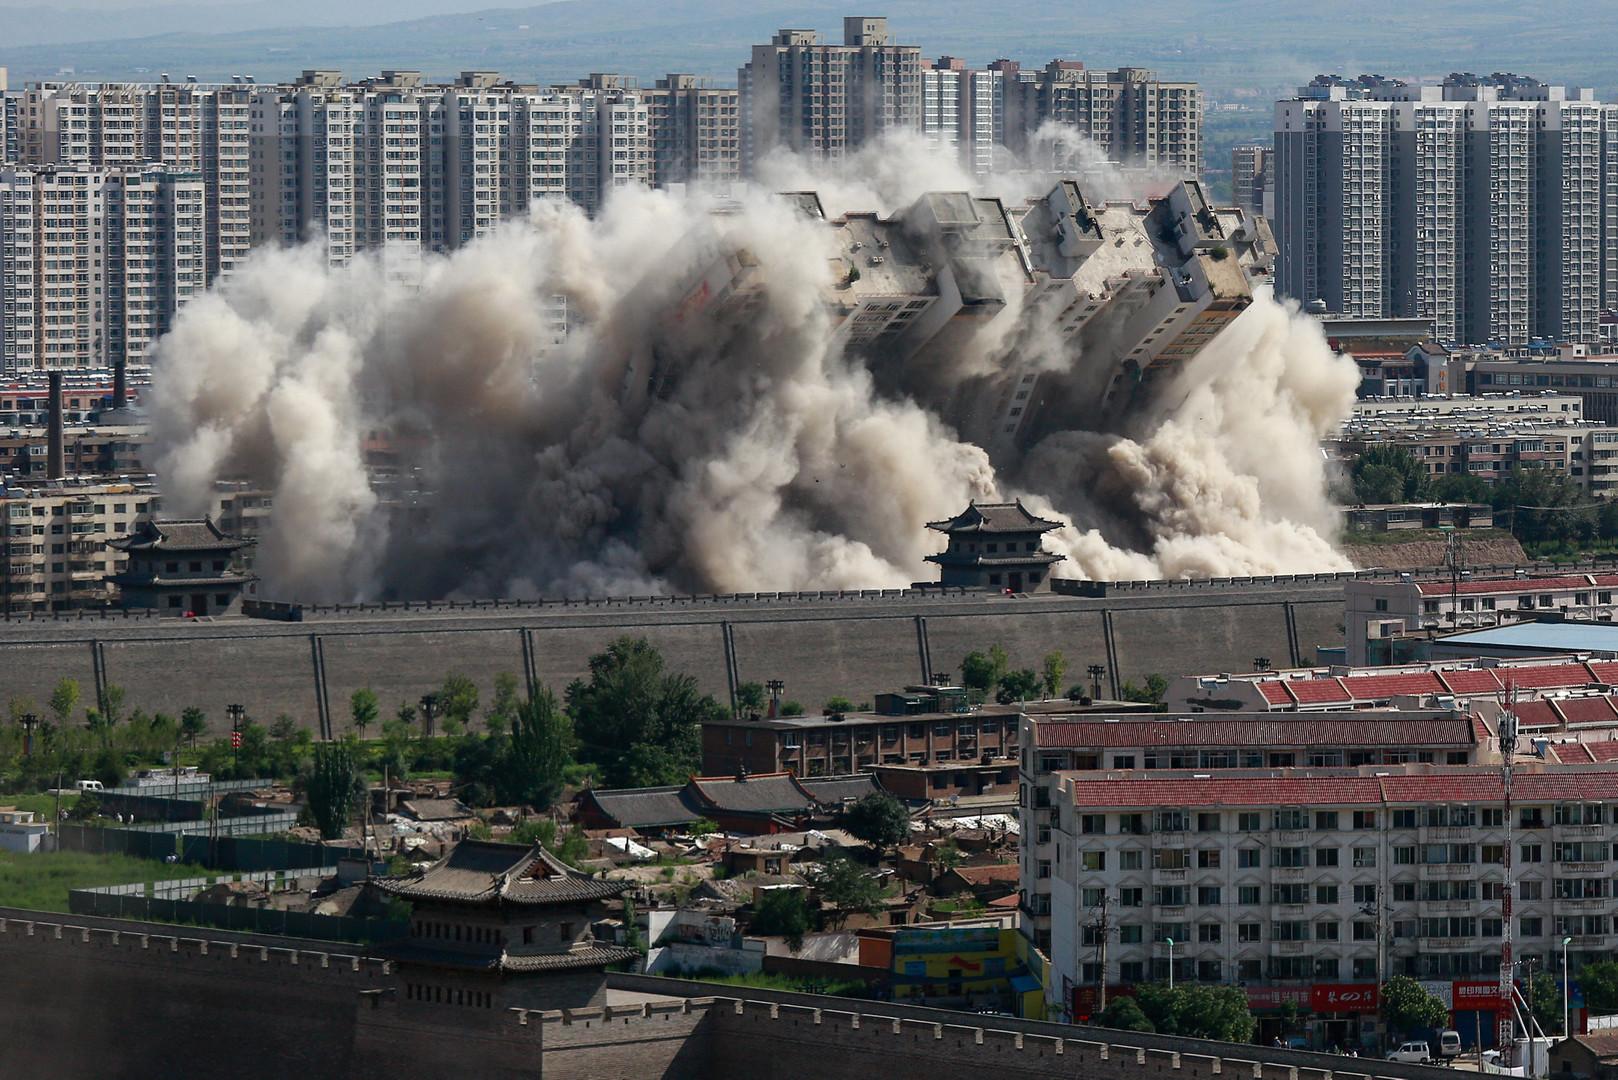 Контролируемый взрыв здания в китайском городе Датун провинции Шэньси, произведённый, чтобы защитить древнюю часть поселения